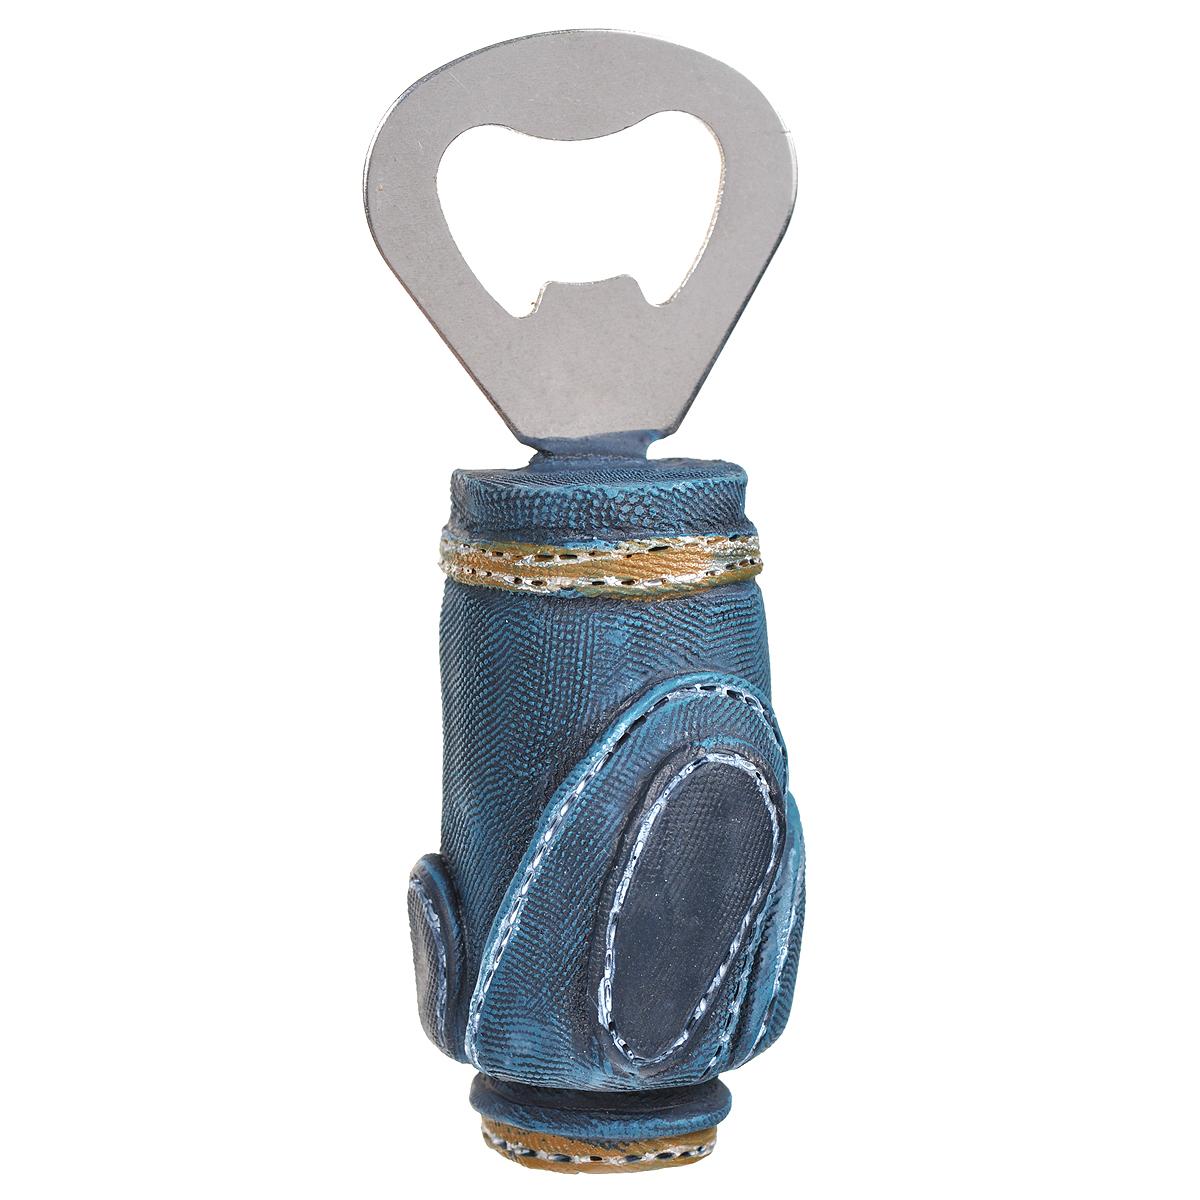 Ключ для открывания бутылок. 2893028930Ключ для открывания бутылок - это полезный и нужный прибор в каждом доме. Рабочая часть выполнена из металла. Рукоятка изготовлена из пластика с оригинальным дизайном.